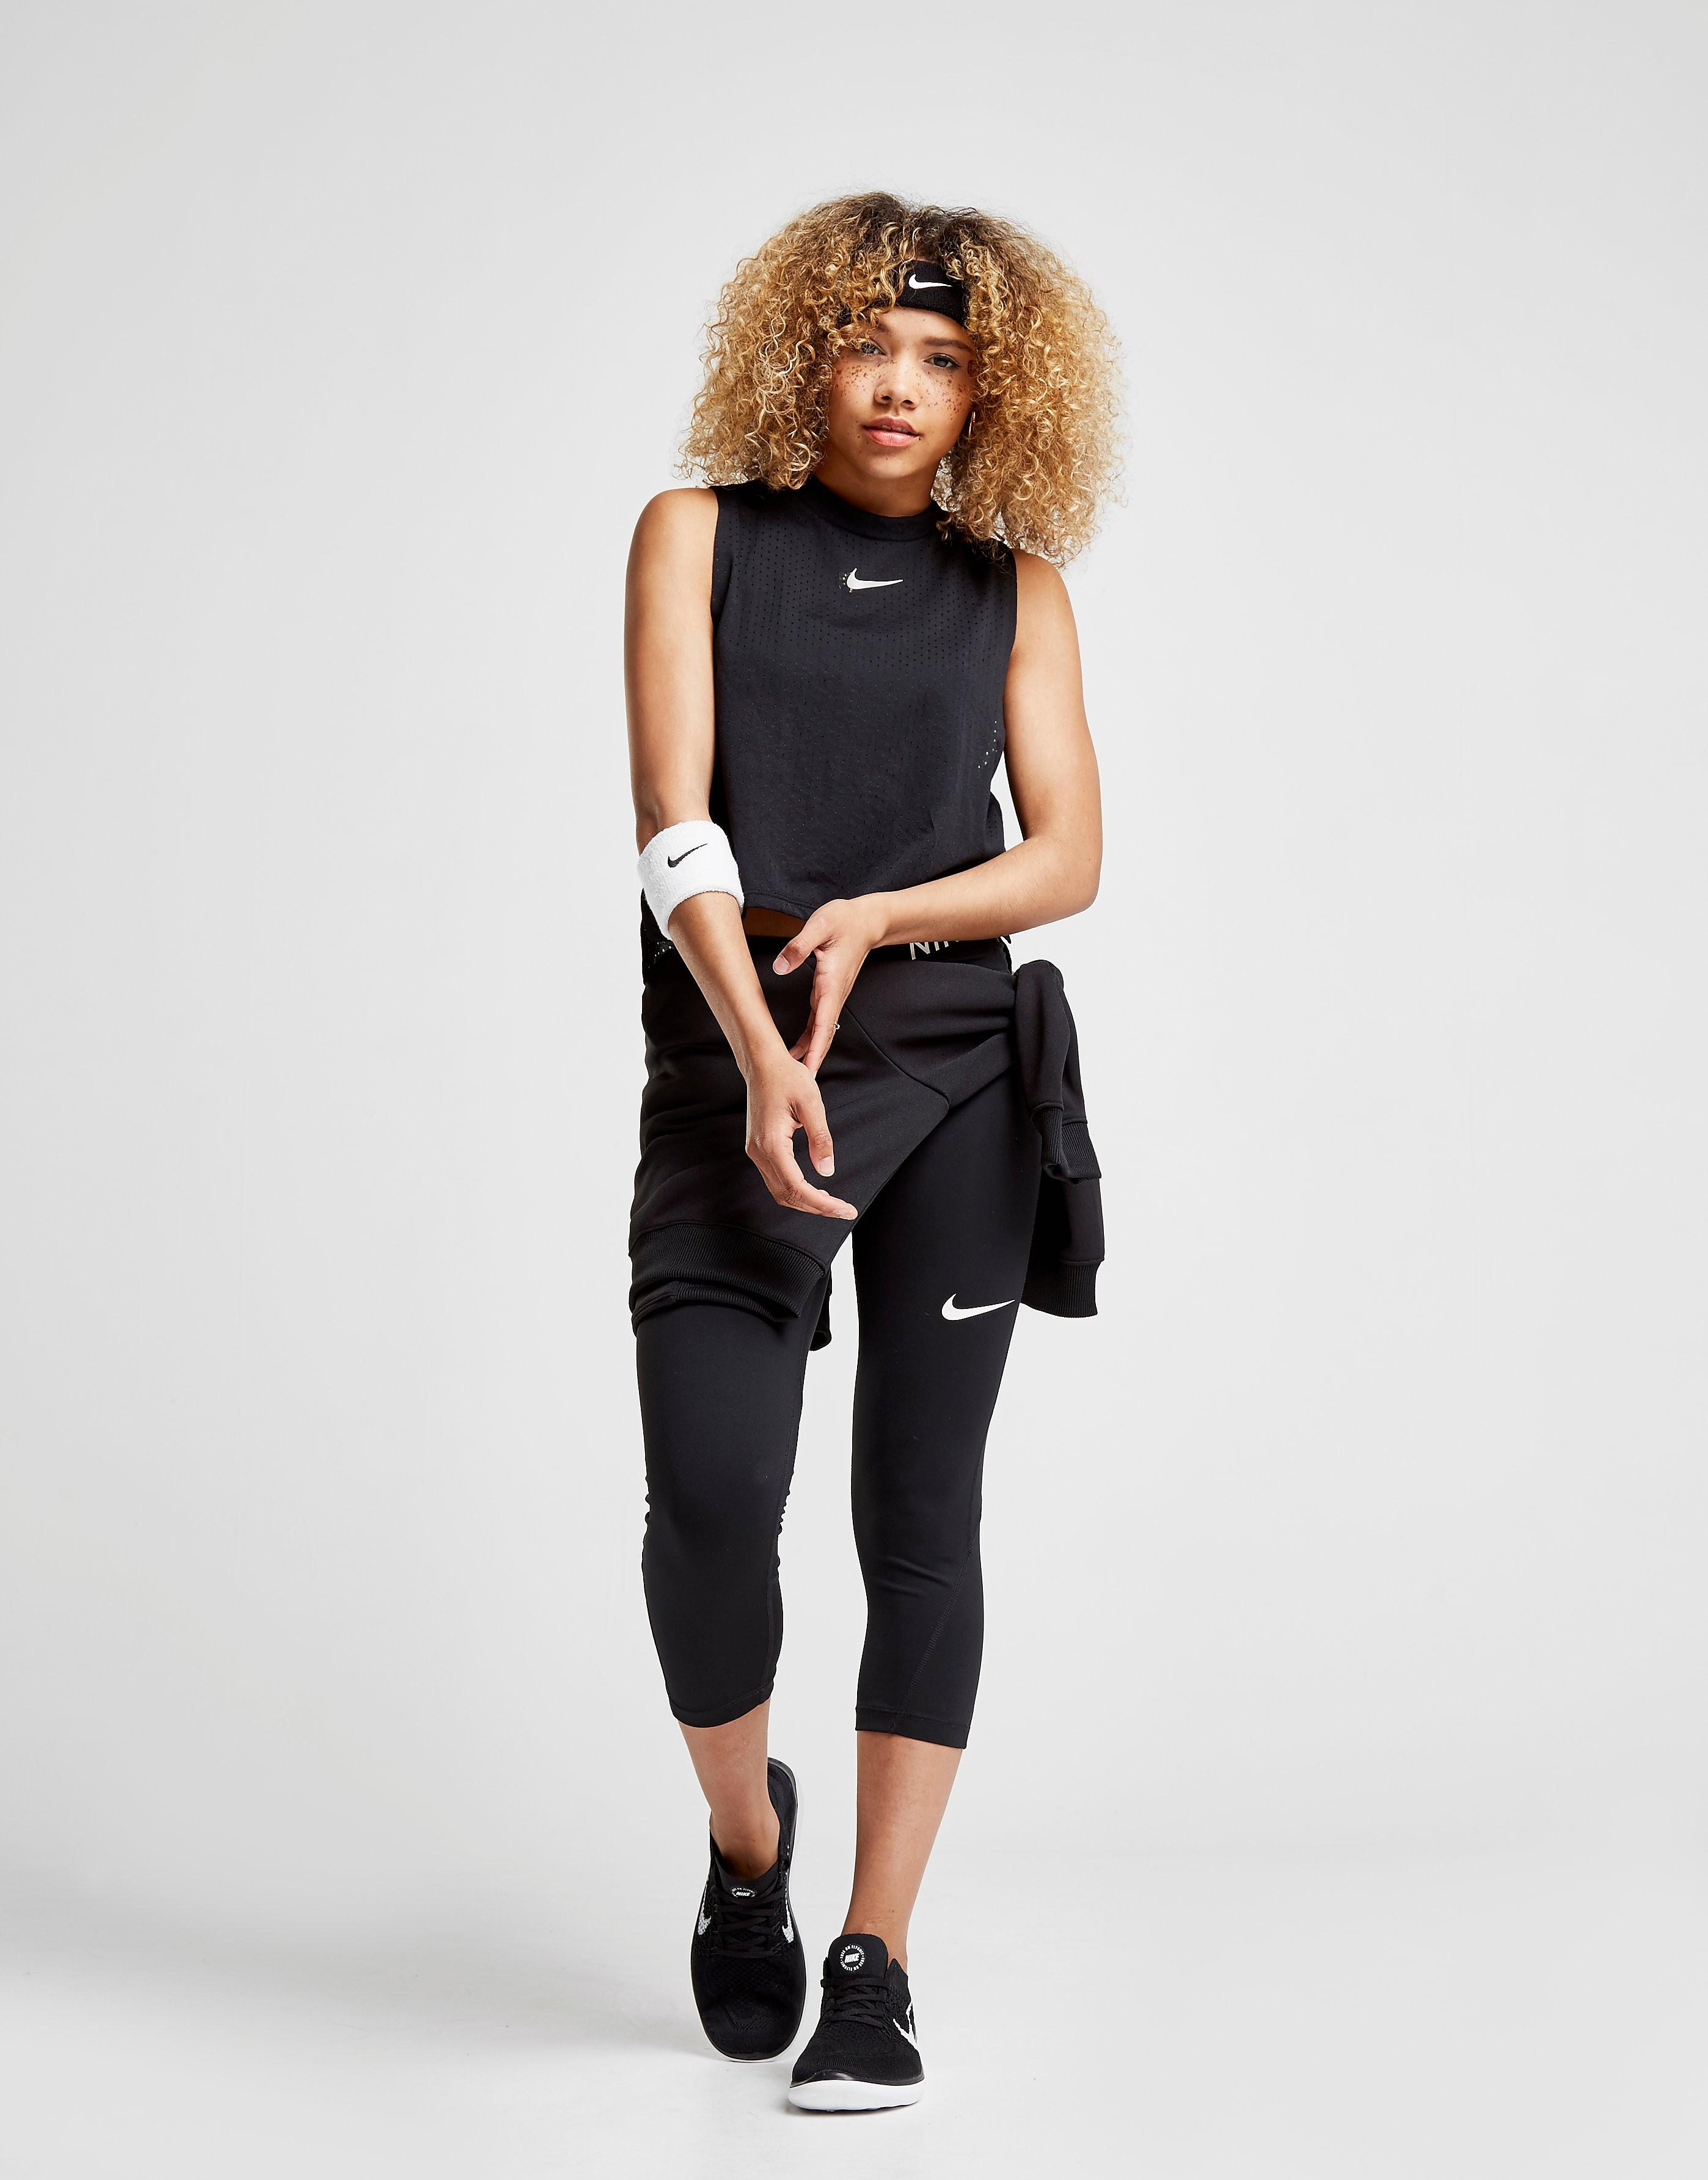 Nike Running Tailwind Crop Tank Top